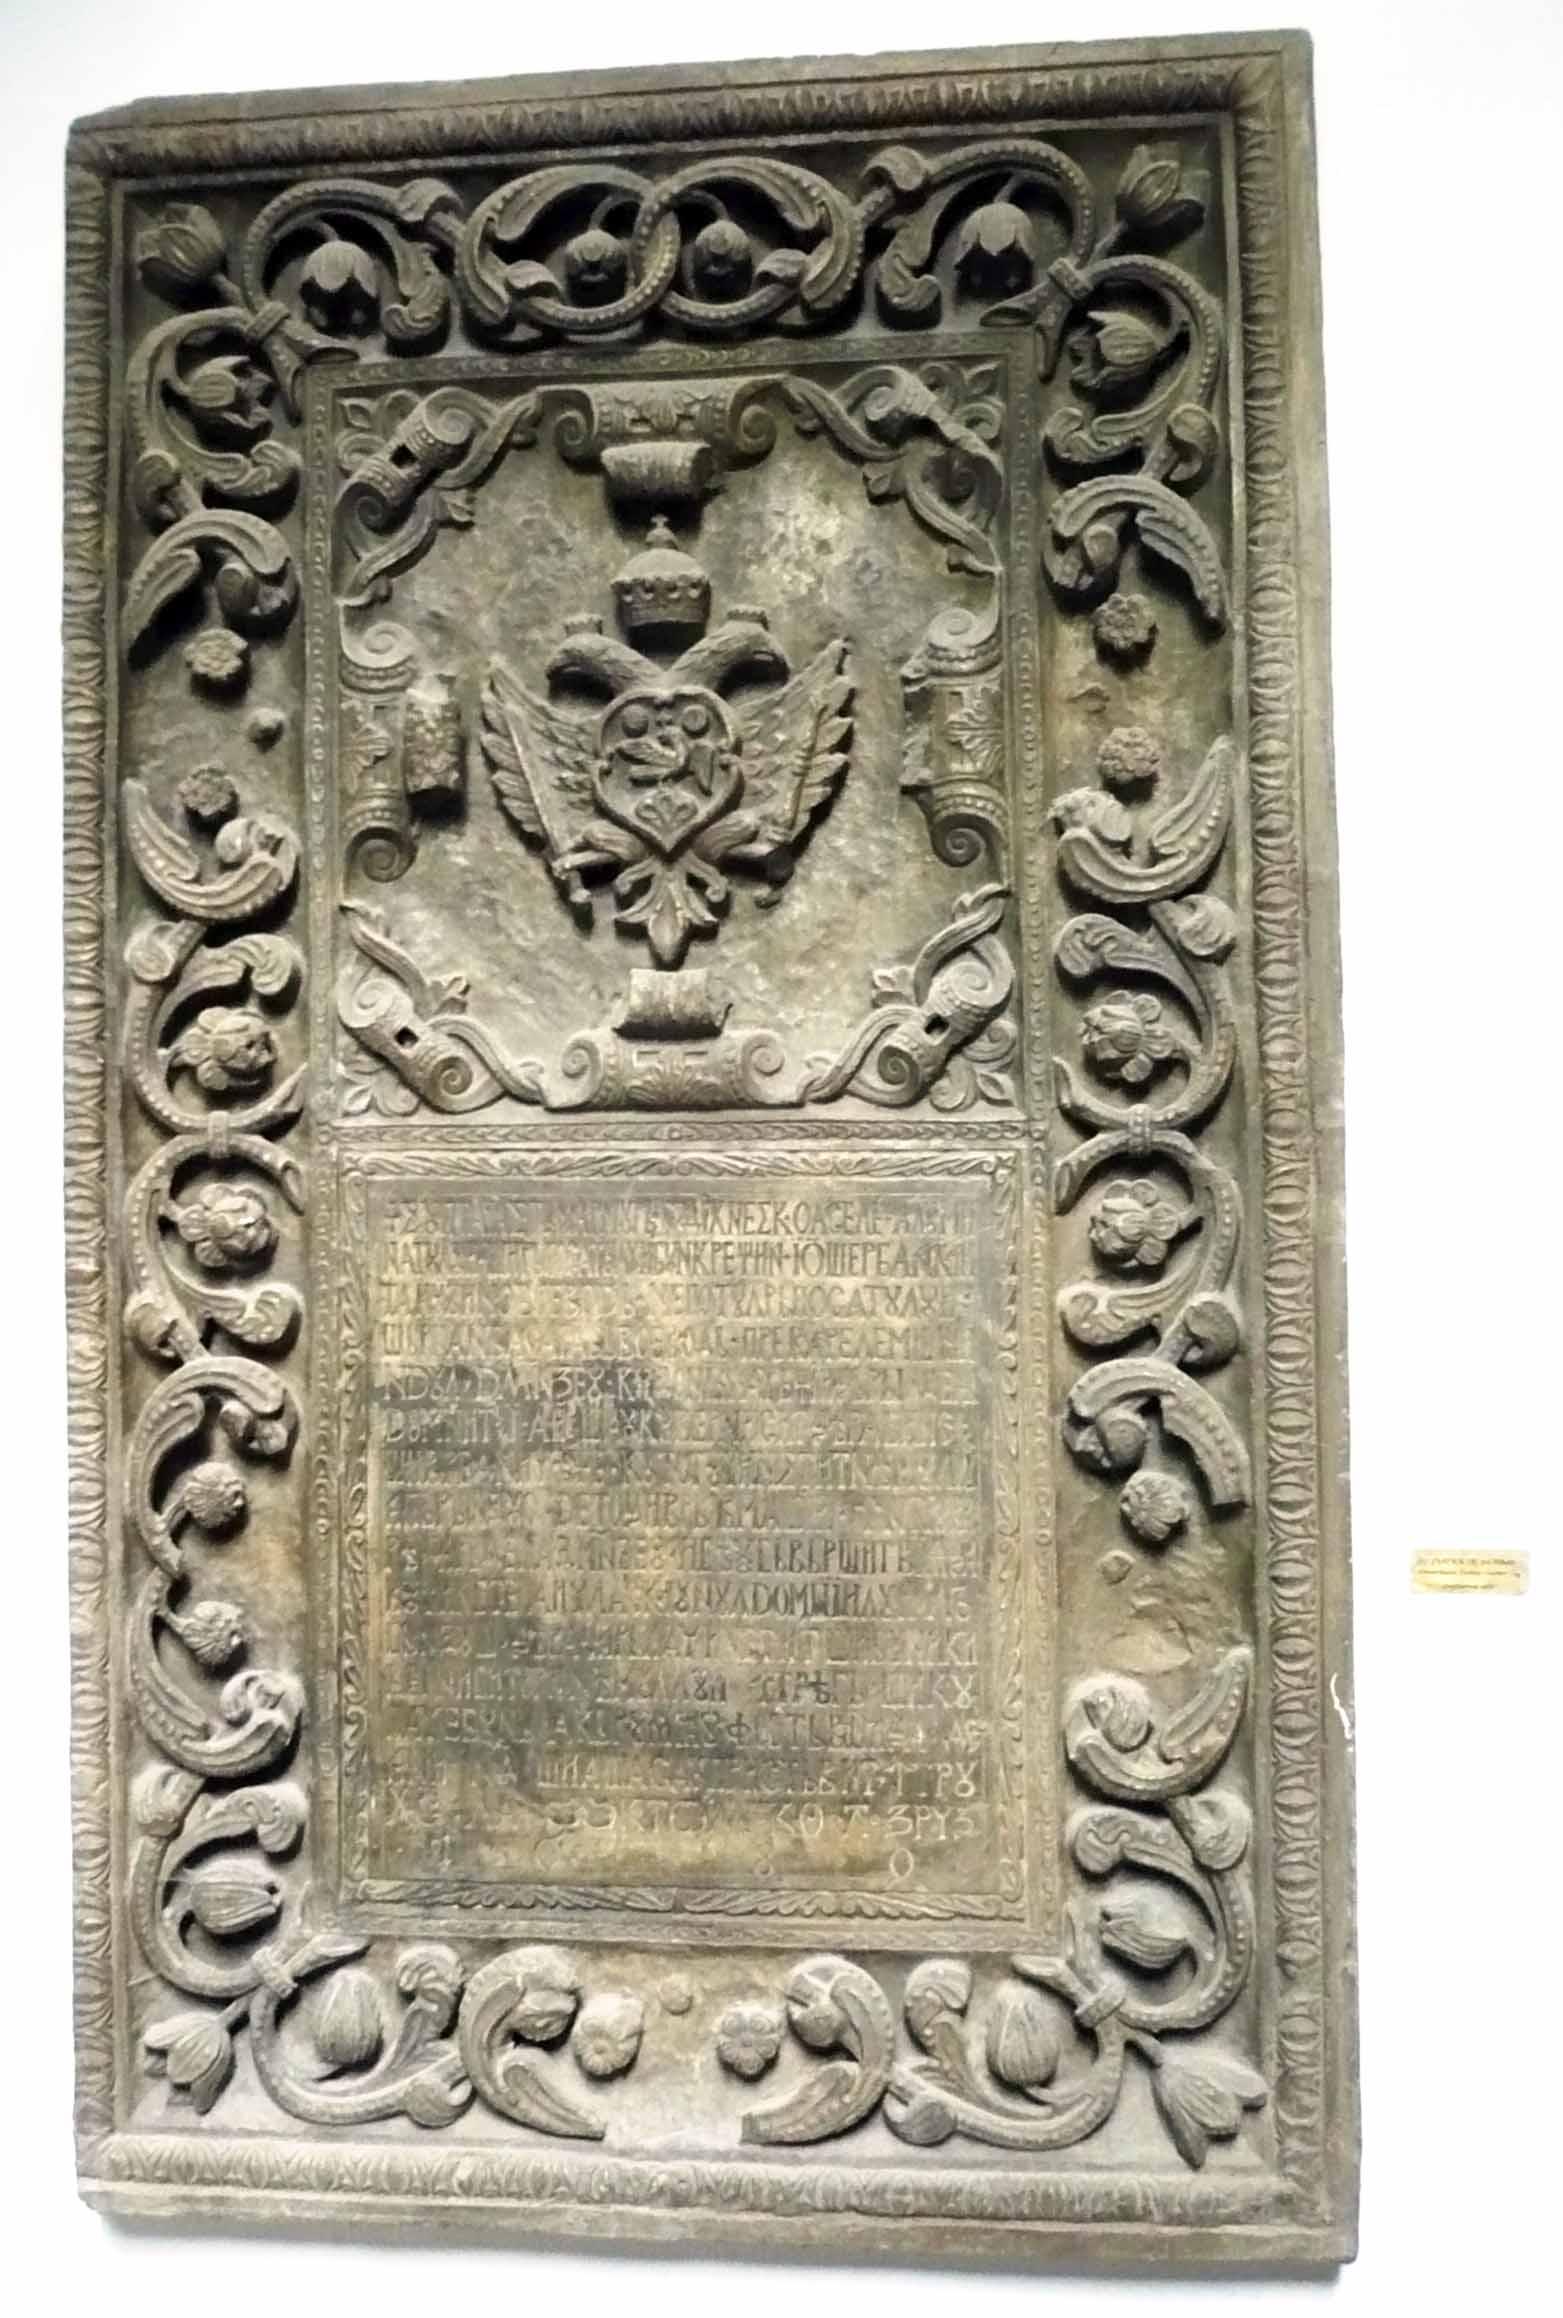 Piatră de mormânt a domnitorului Şerban Cantacuzino, Mânăstirea Cotroceni 21 oct. 1689